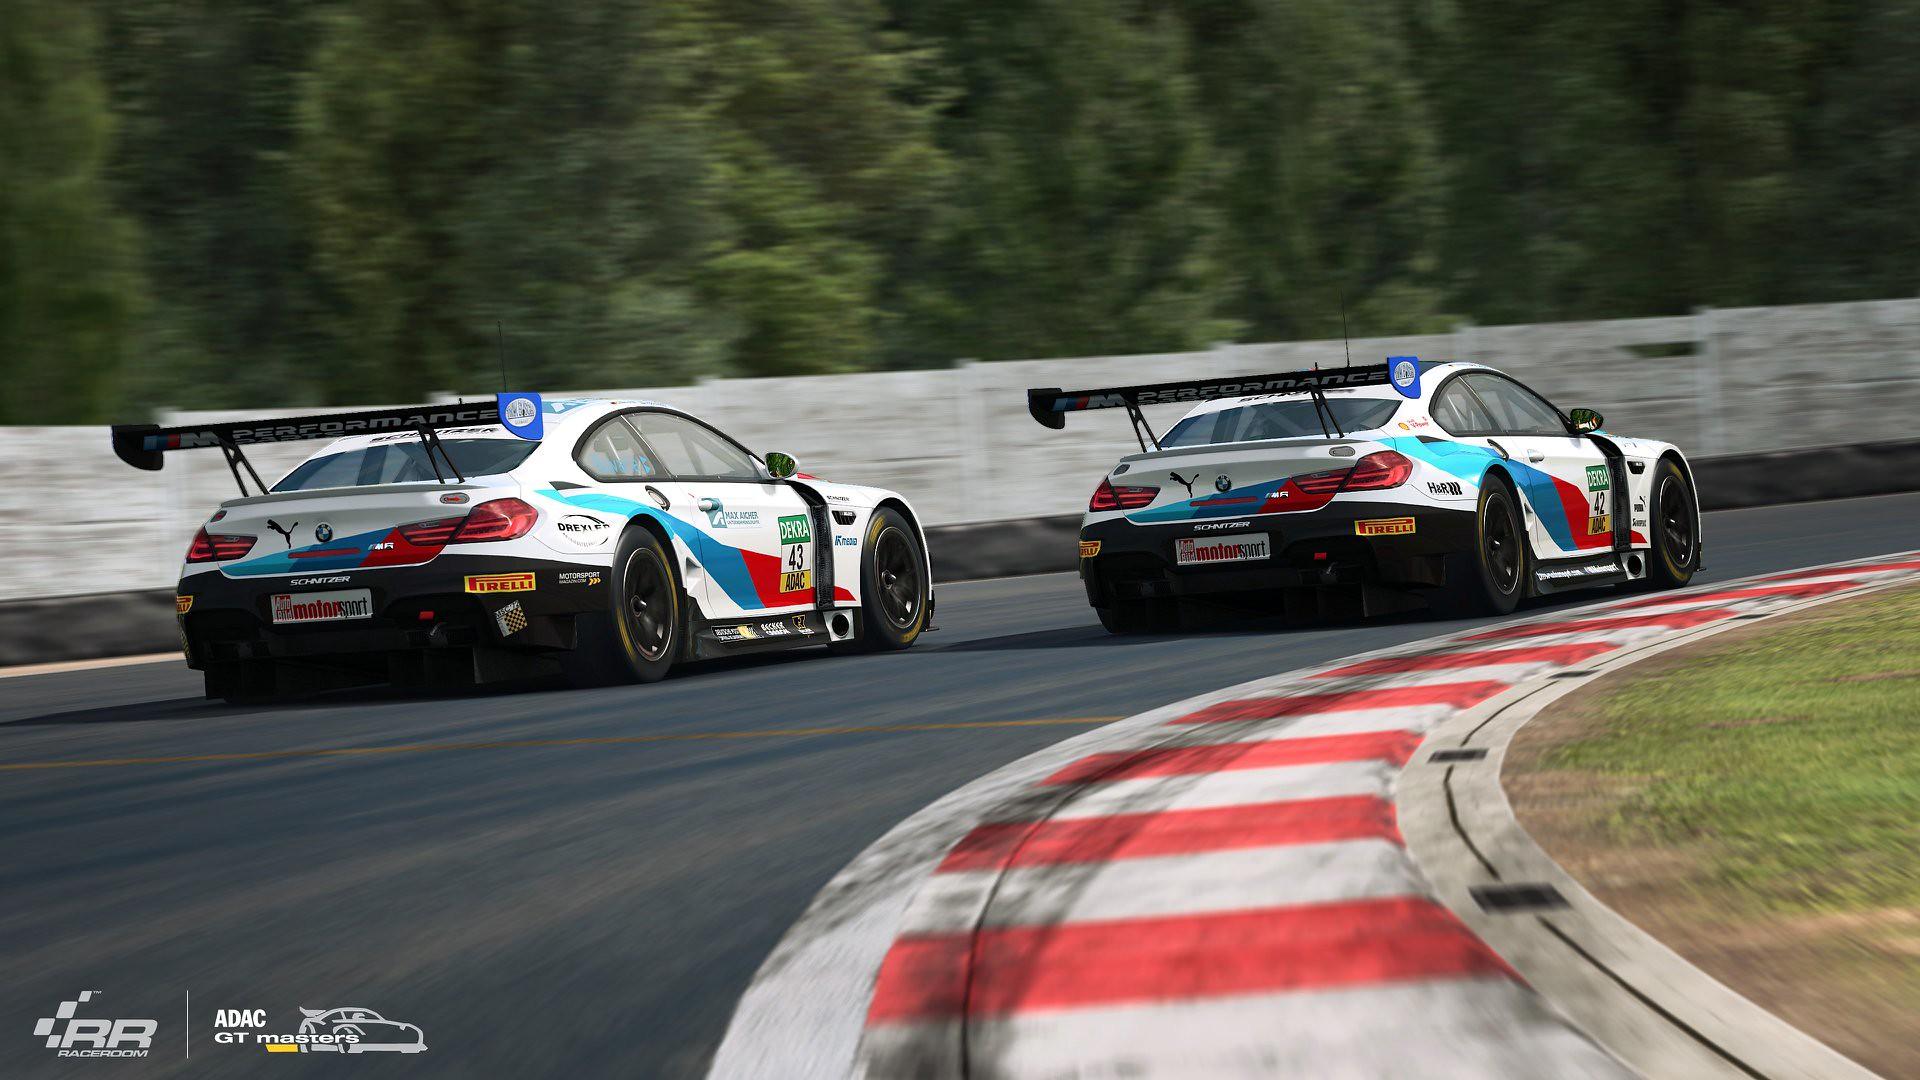 RaceRoom 2018 ADAC GT Update BMW M6 GT3 2